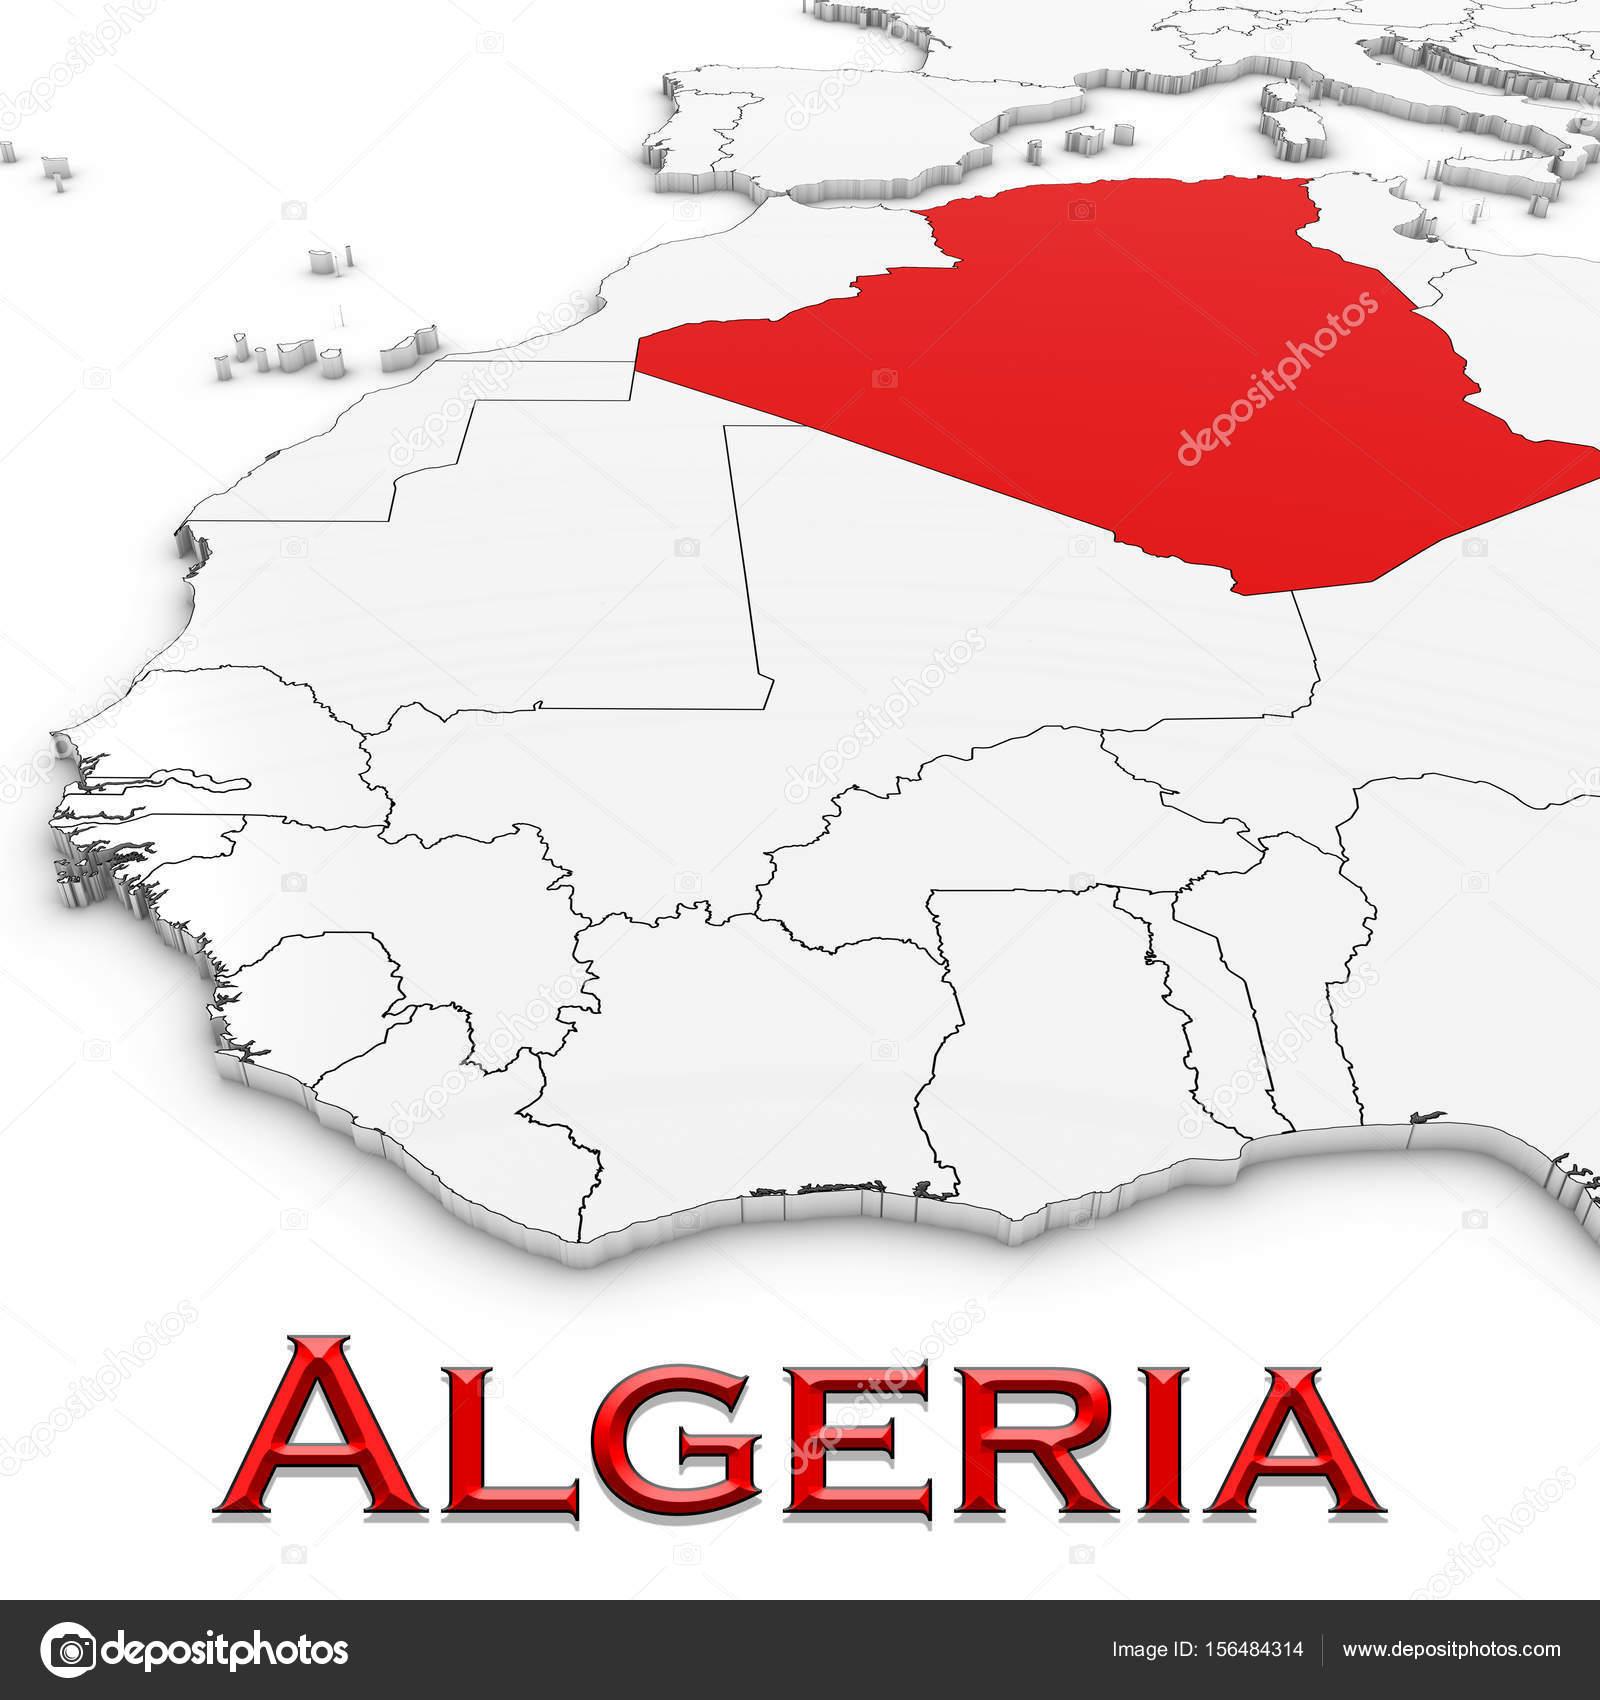 karta över algeriet 3D karta över Algeriet med land namn markerade rött på vit Bac  karta över algeriet